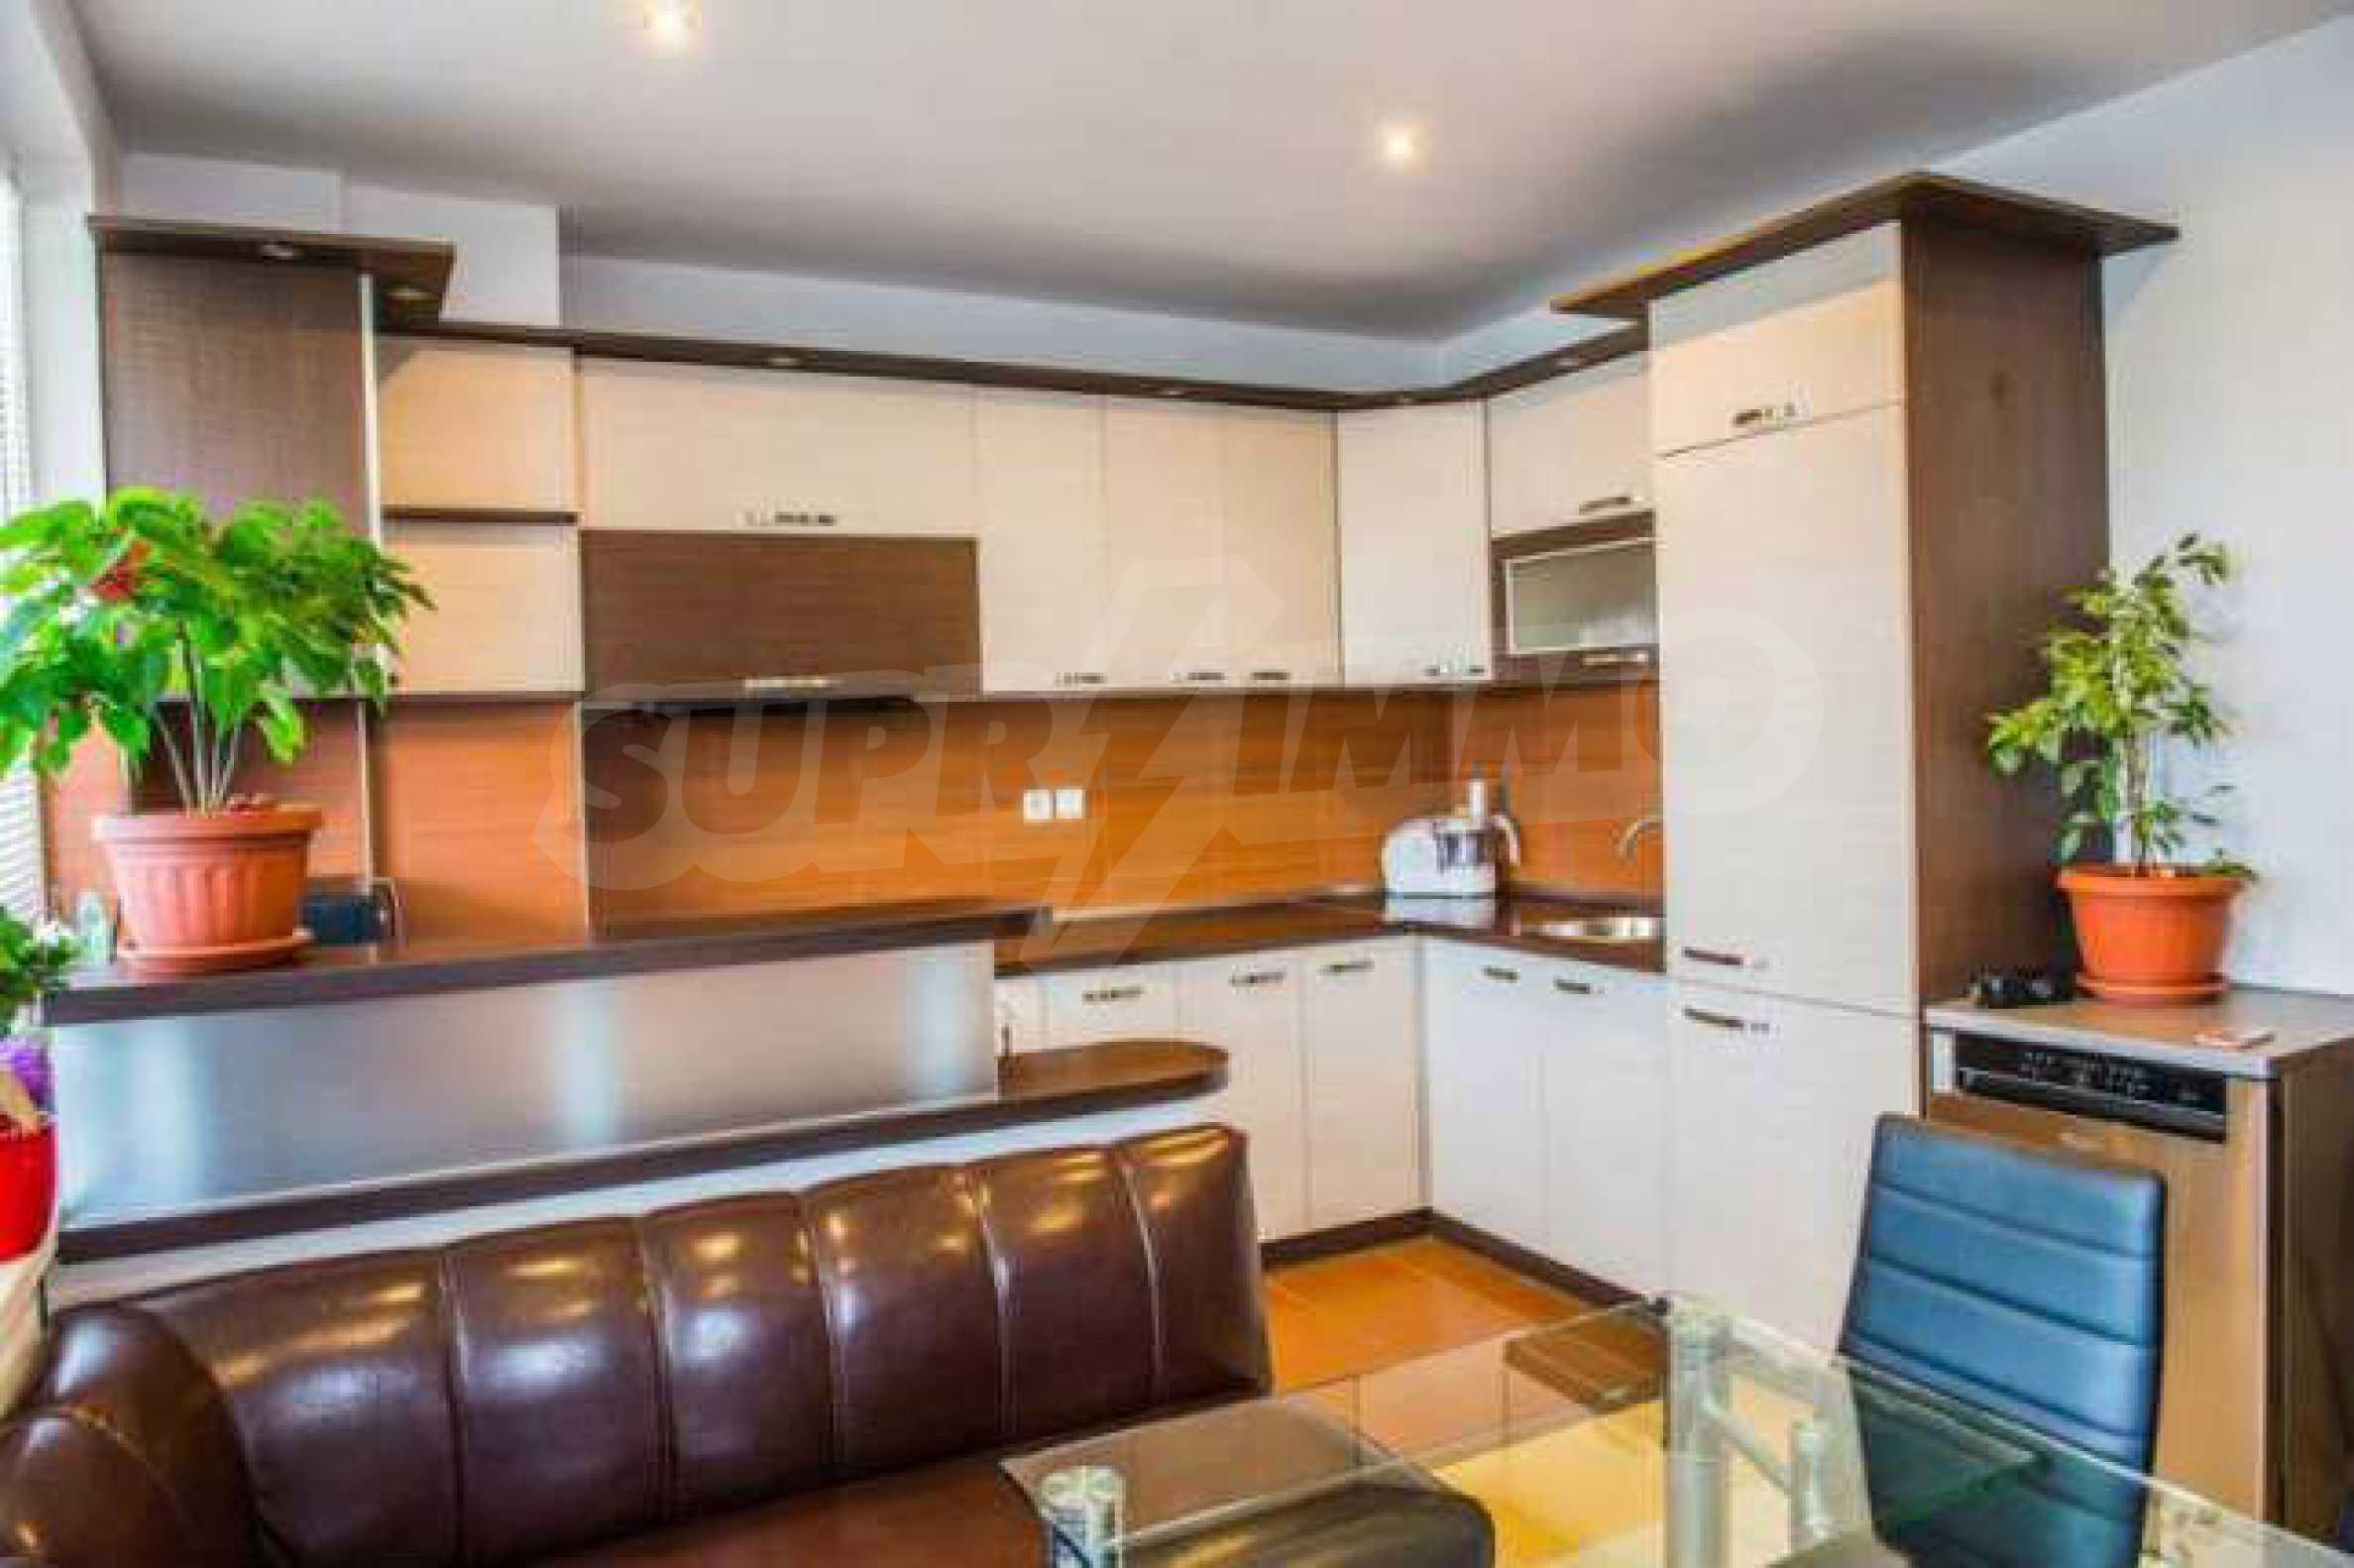 Новопостроен тристаен апартамент в кв. на град В. Търново